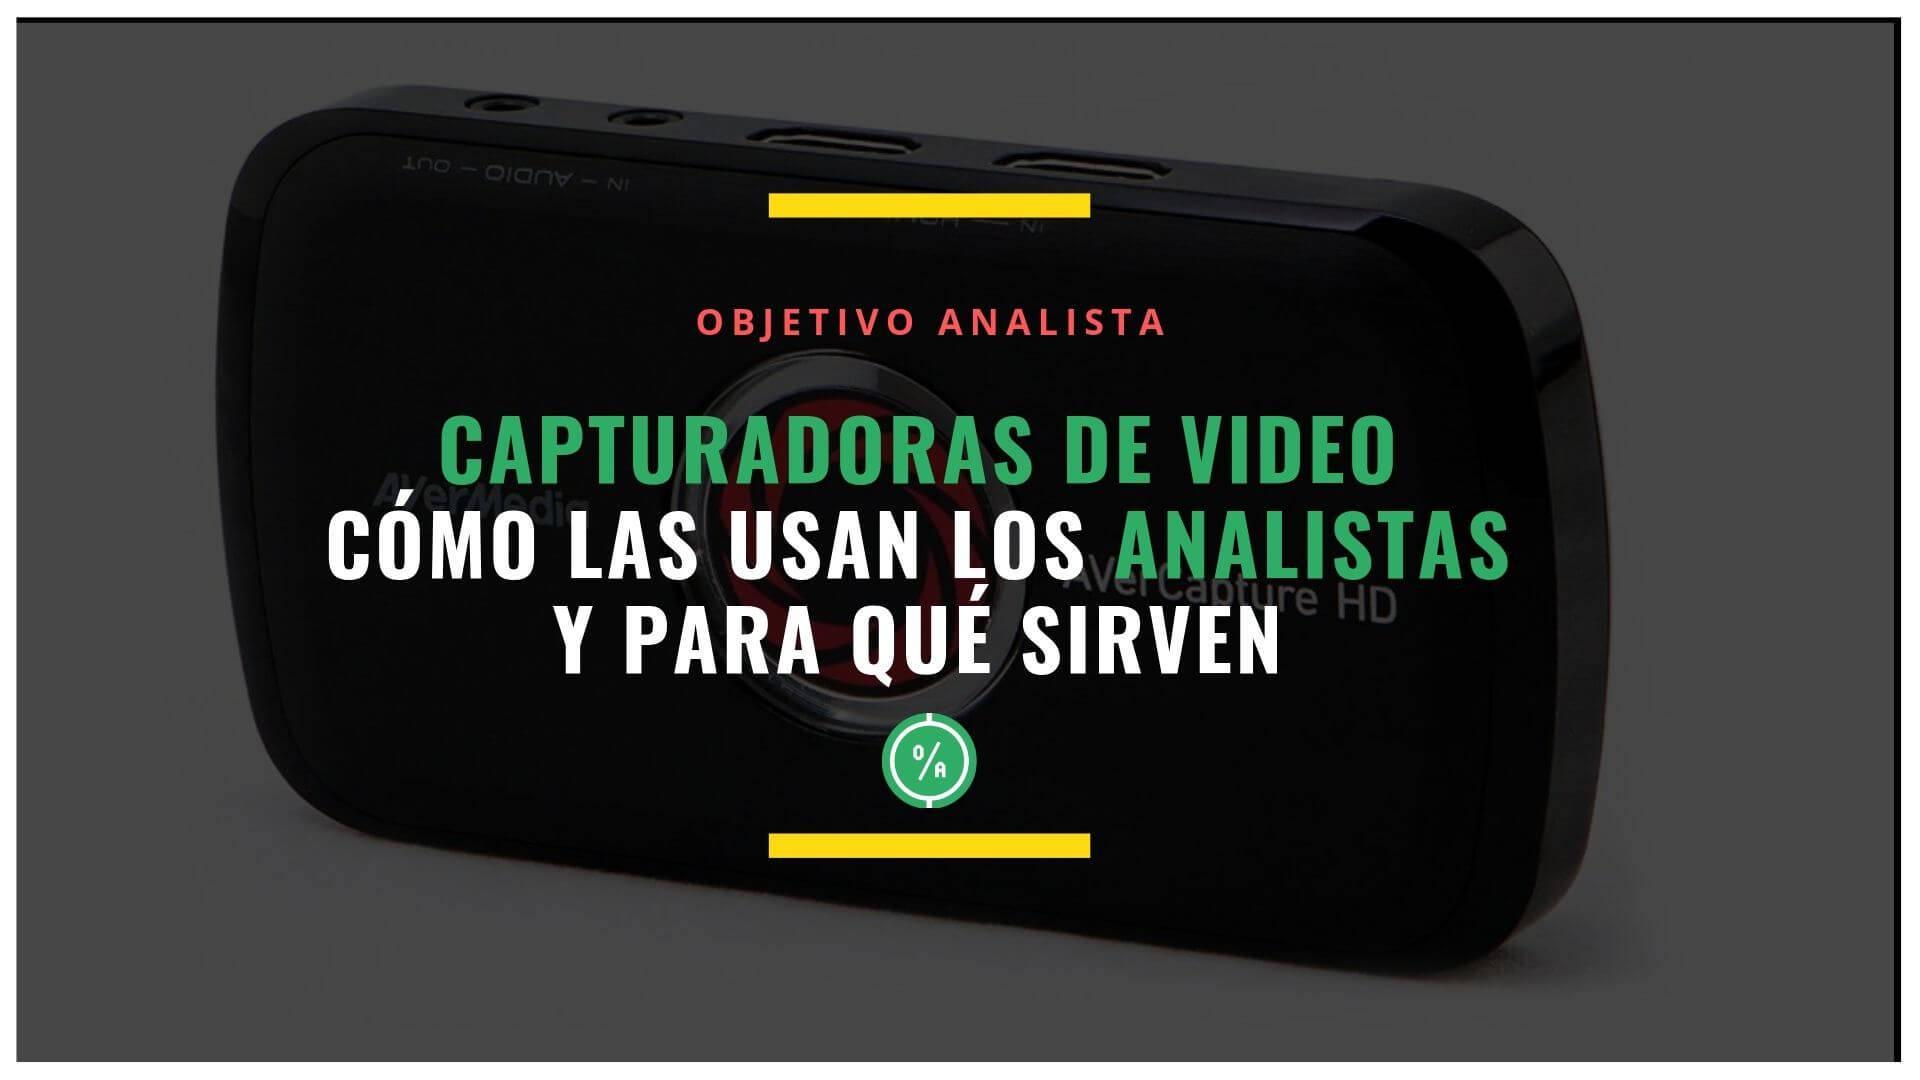 capturadoras del video-analistas